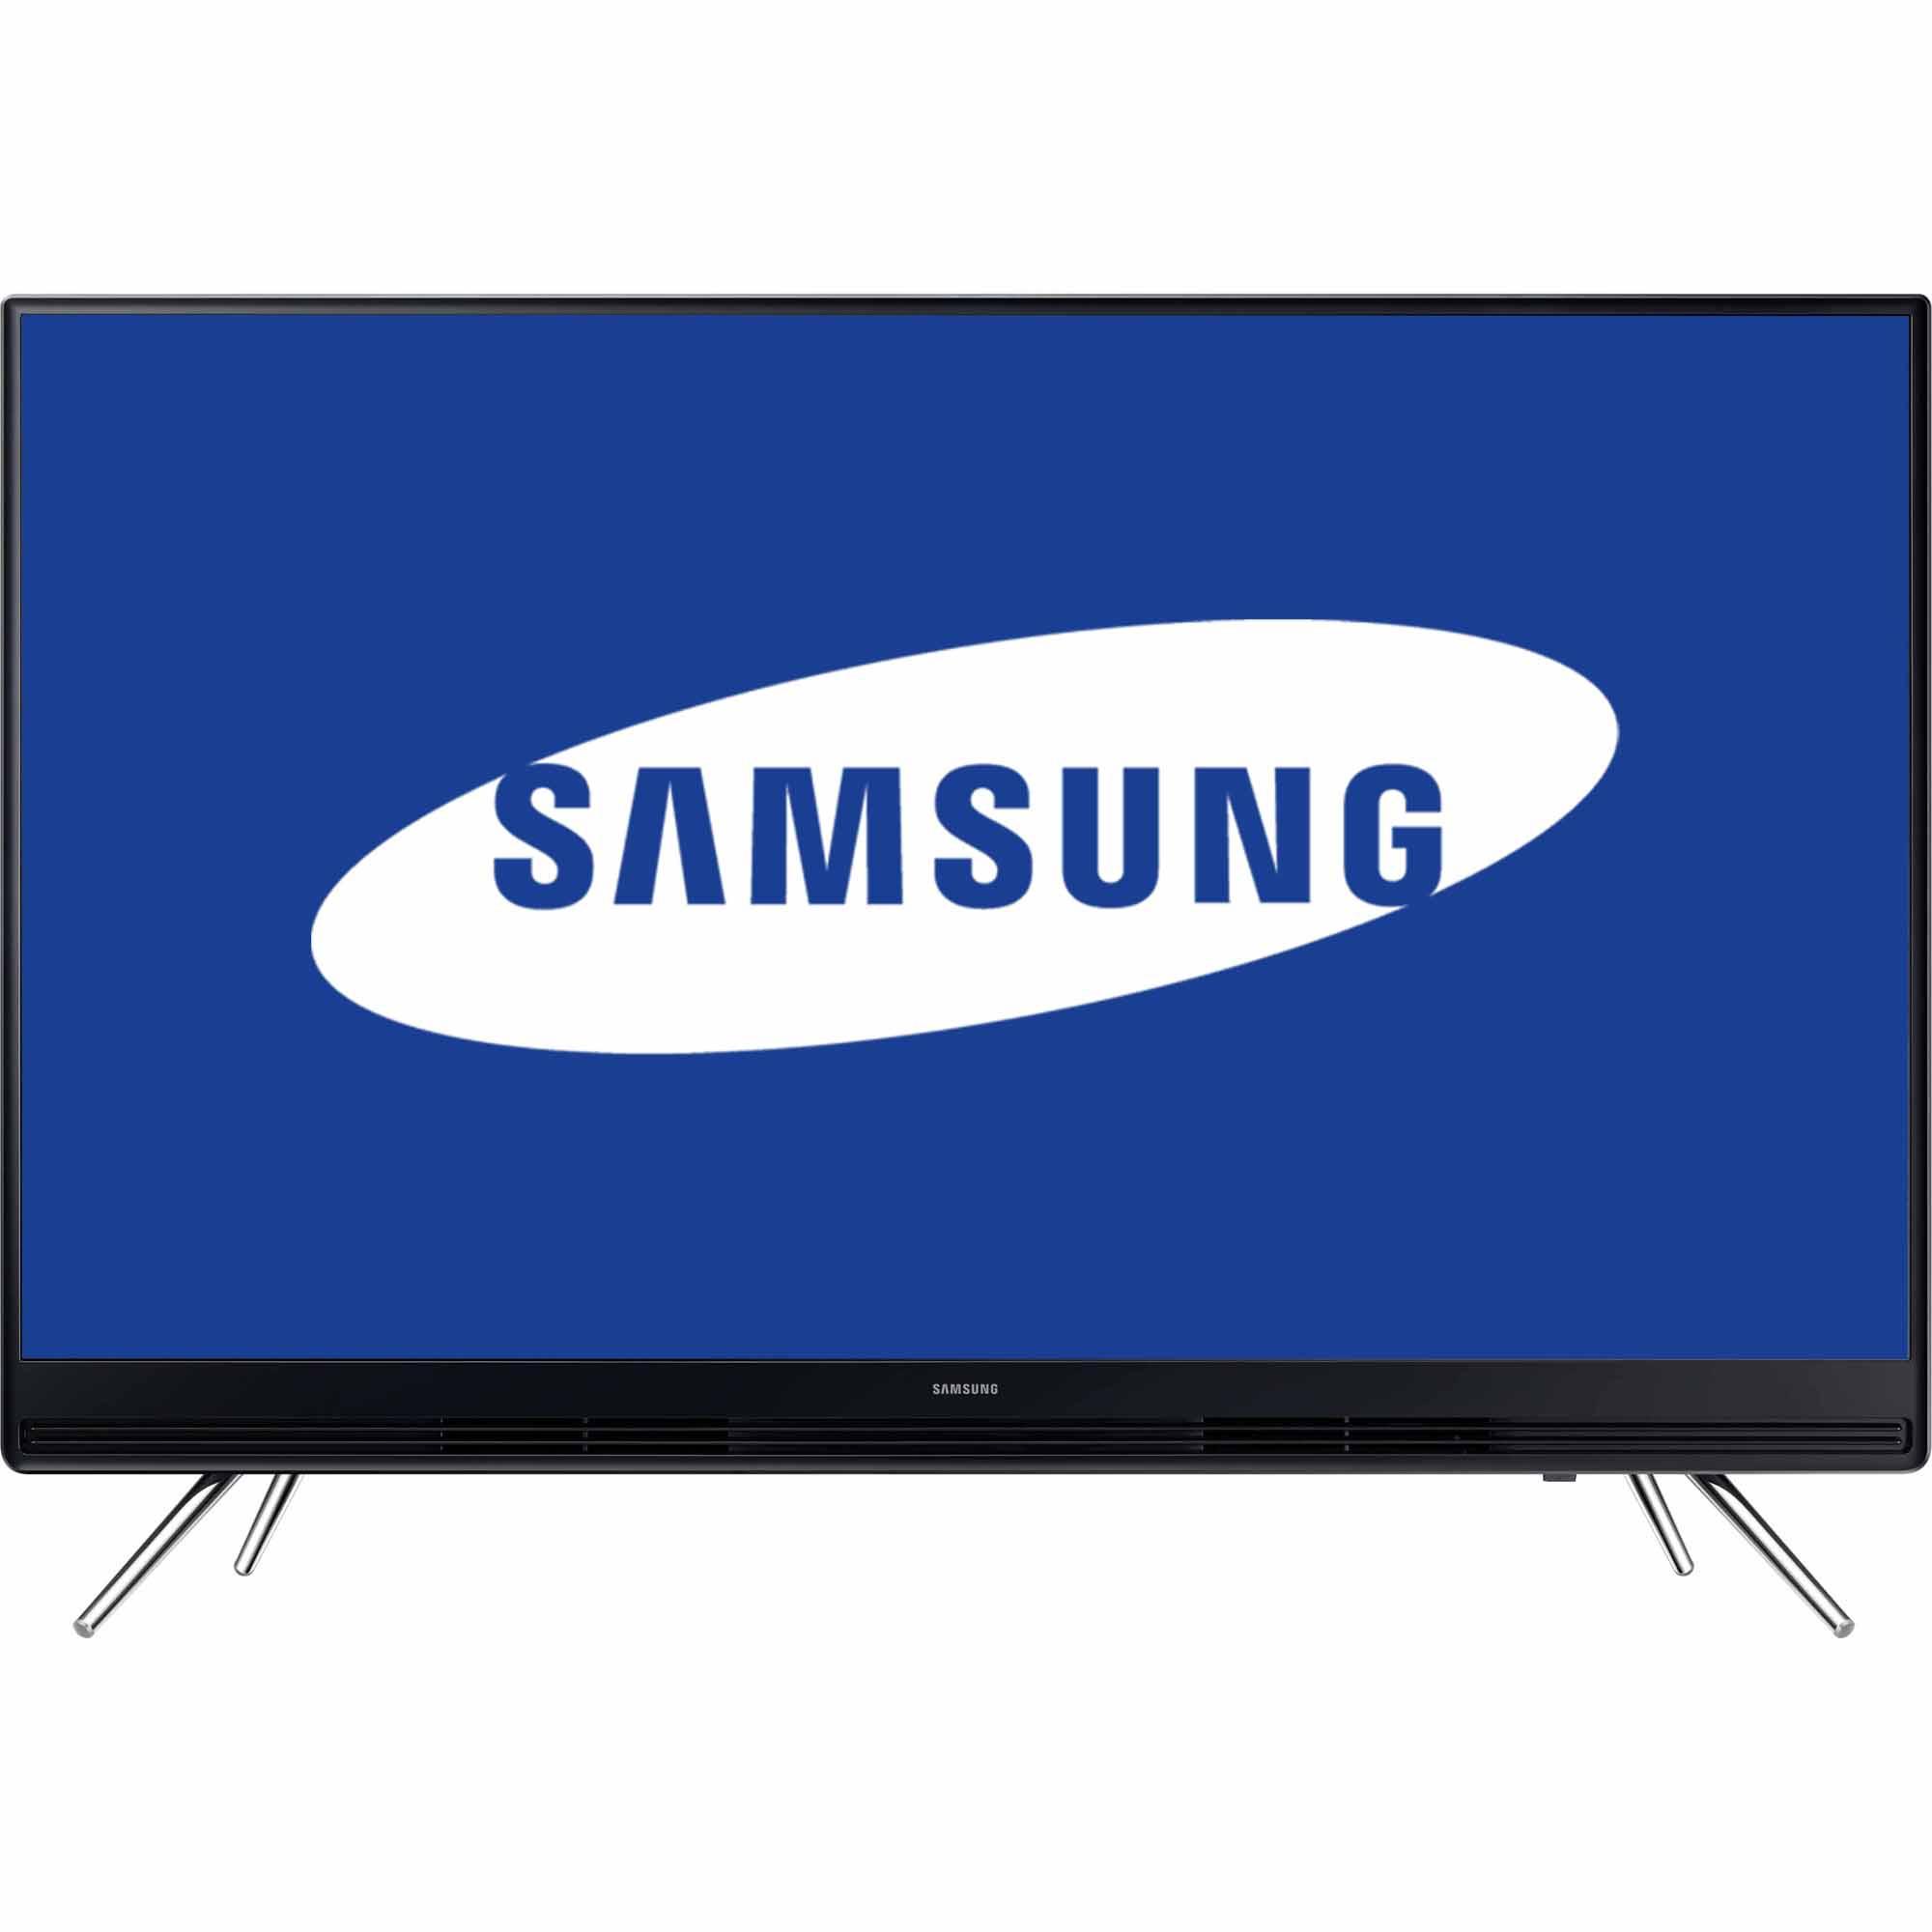 Samsung 40 Class 1080p Full Hdtv - UN40K5100